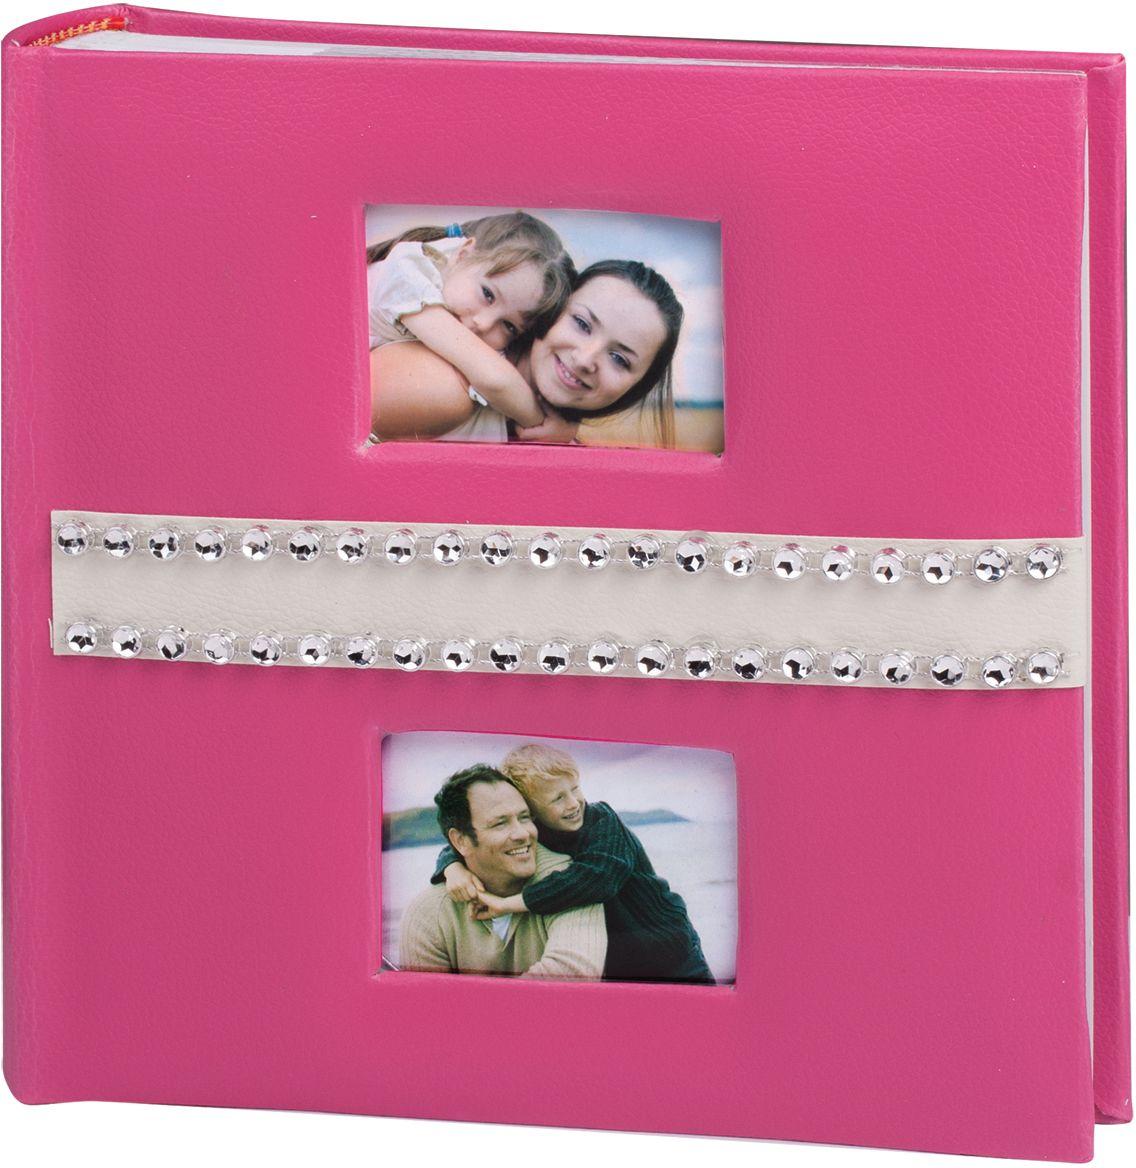 Фотоальбом Brauberg, цвет: розовый, 200 фотографий, 10 x 15 см390678Фотоальбом розового цвета, украшенный бежевой полосой из материала под кожу со стразами и двумя мини-рамкам для личных фото, станет прекрасным подарком для современной леди.